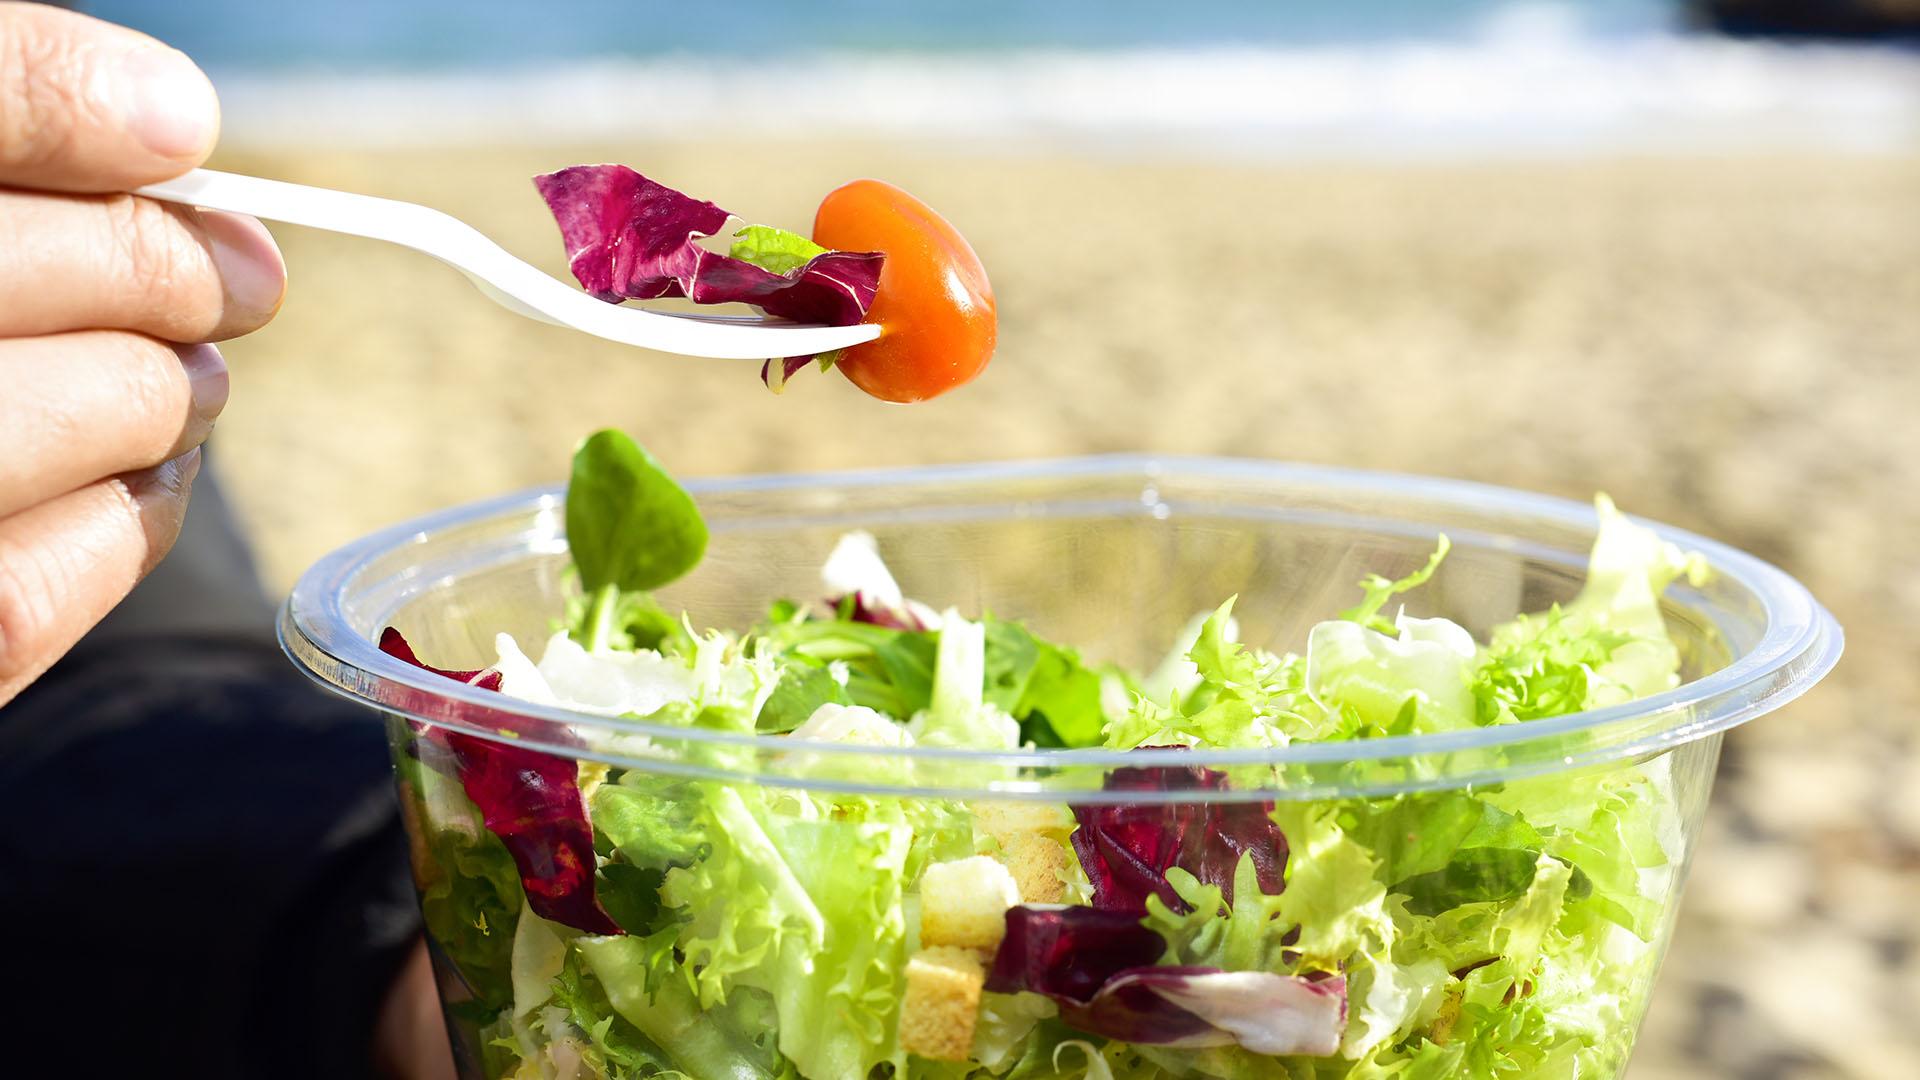 Las ensaladas se deben condimentar al momento de comerlas y se debe evitar la mayonesa (Getty)